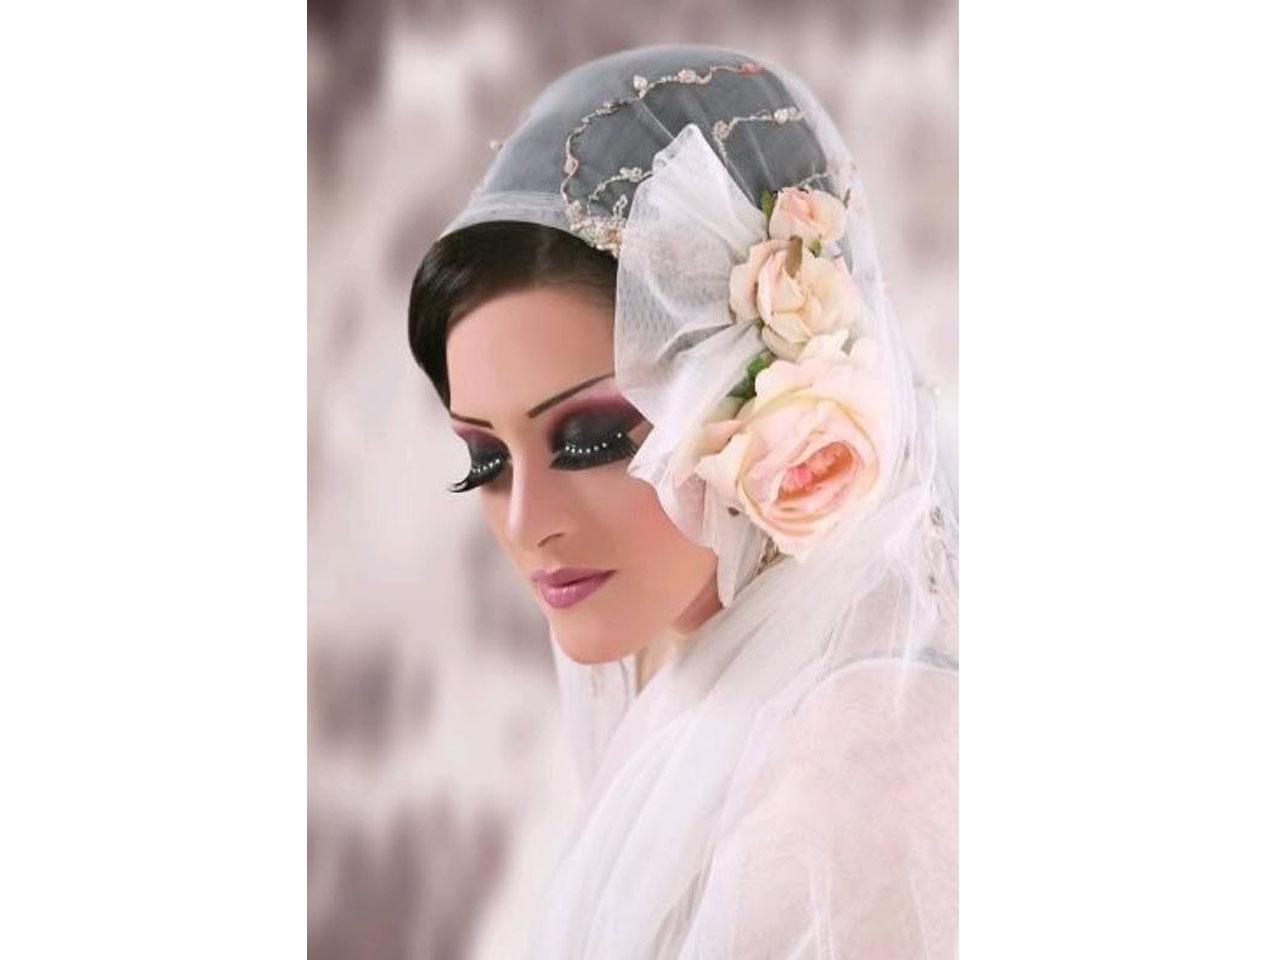 arabian wedding dress